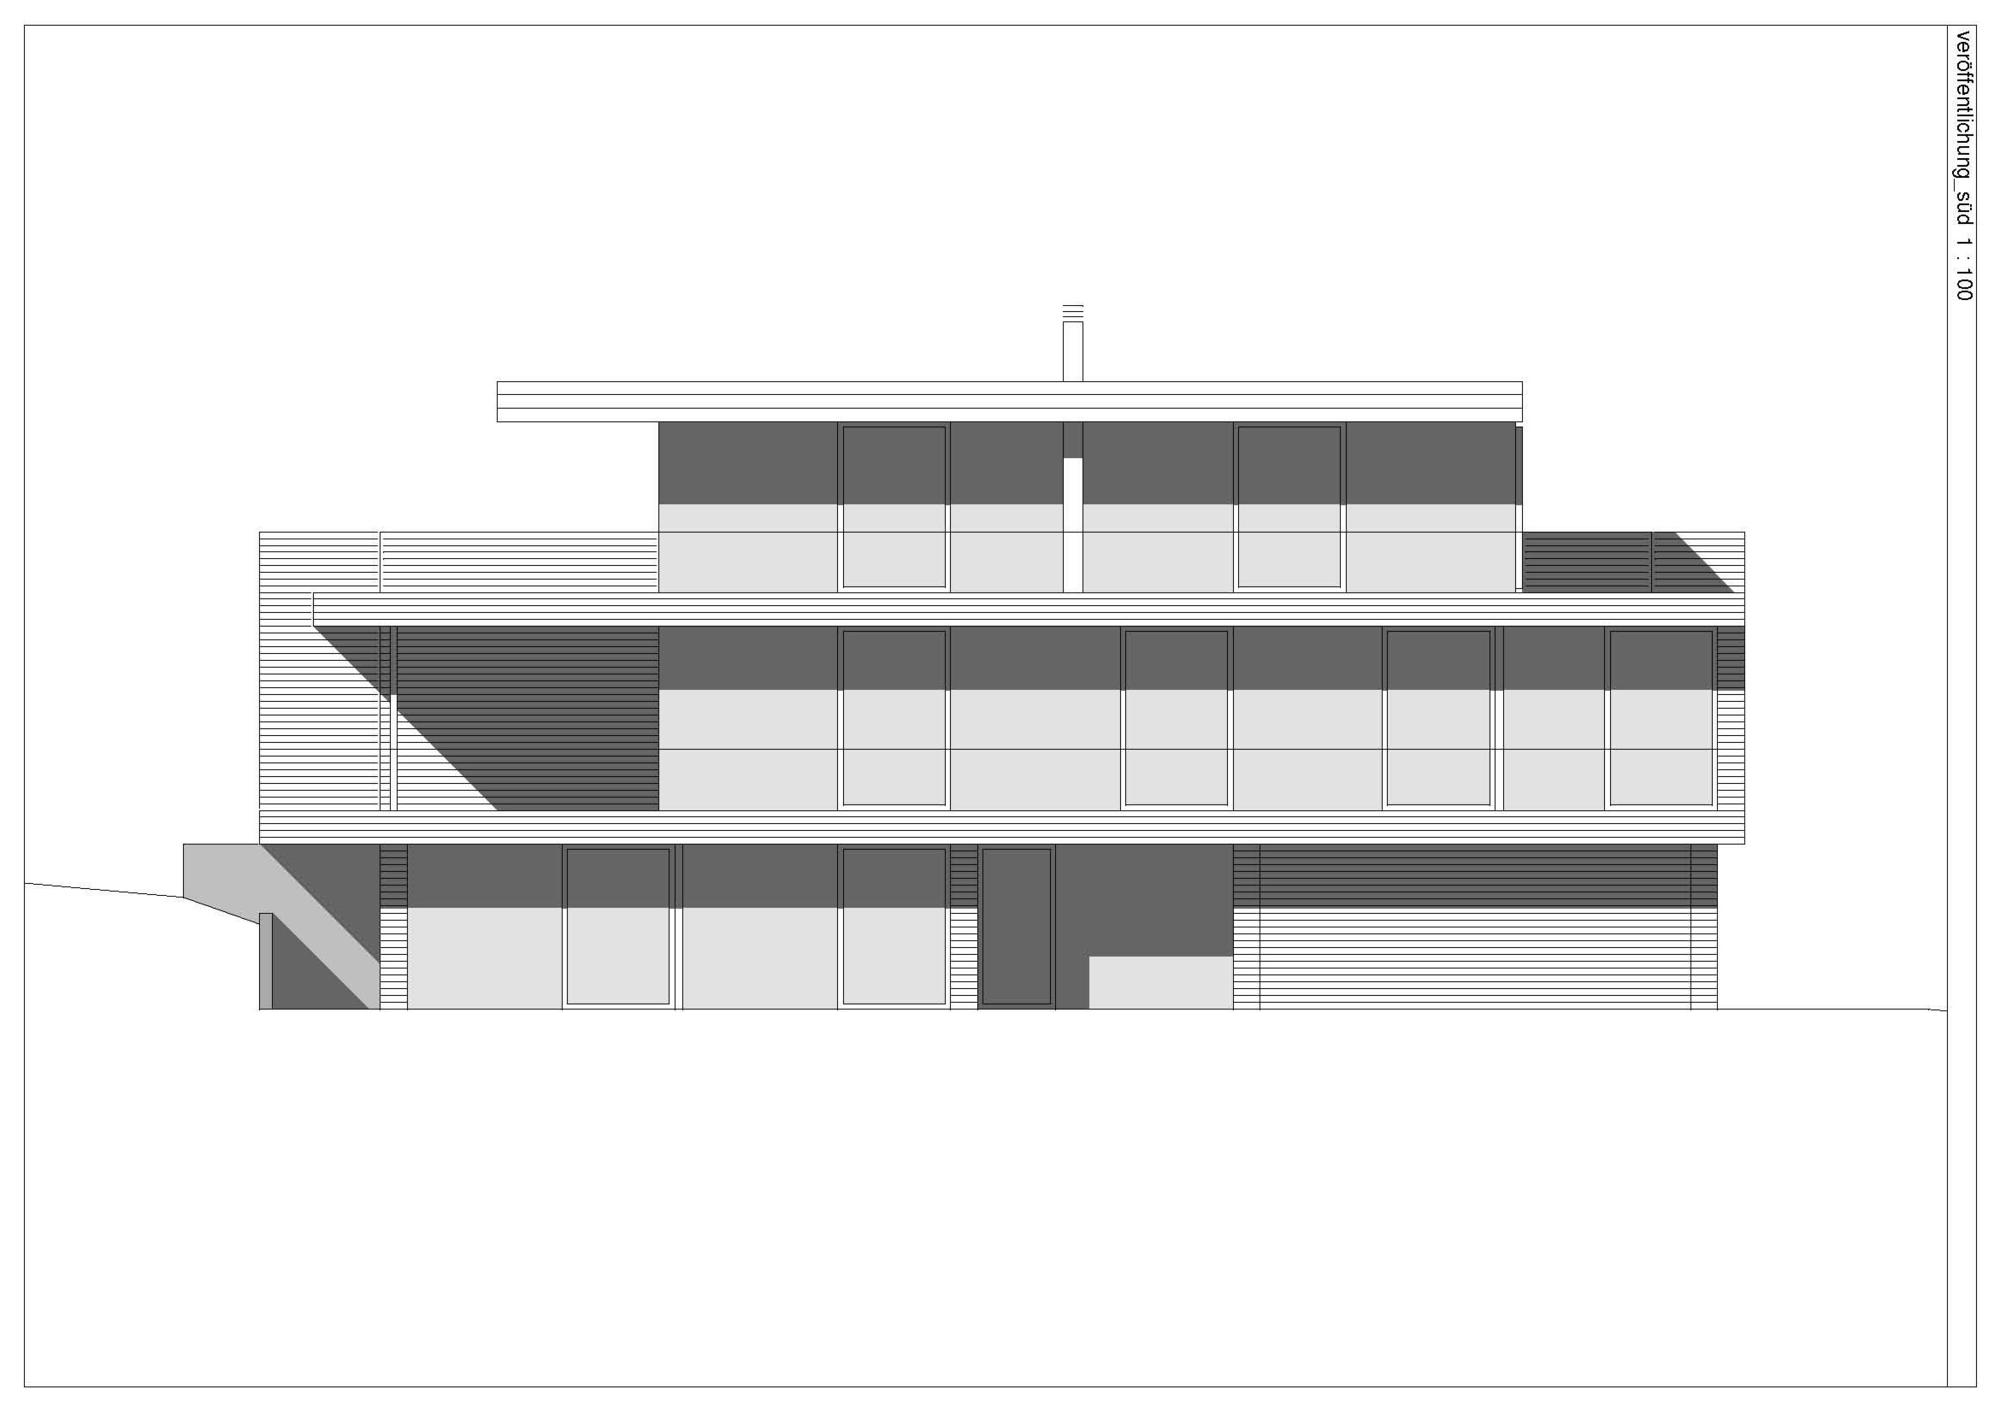 Planos de Casa Heilbronn de k m architektur